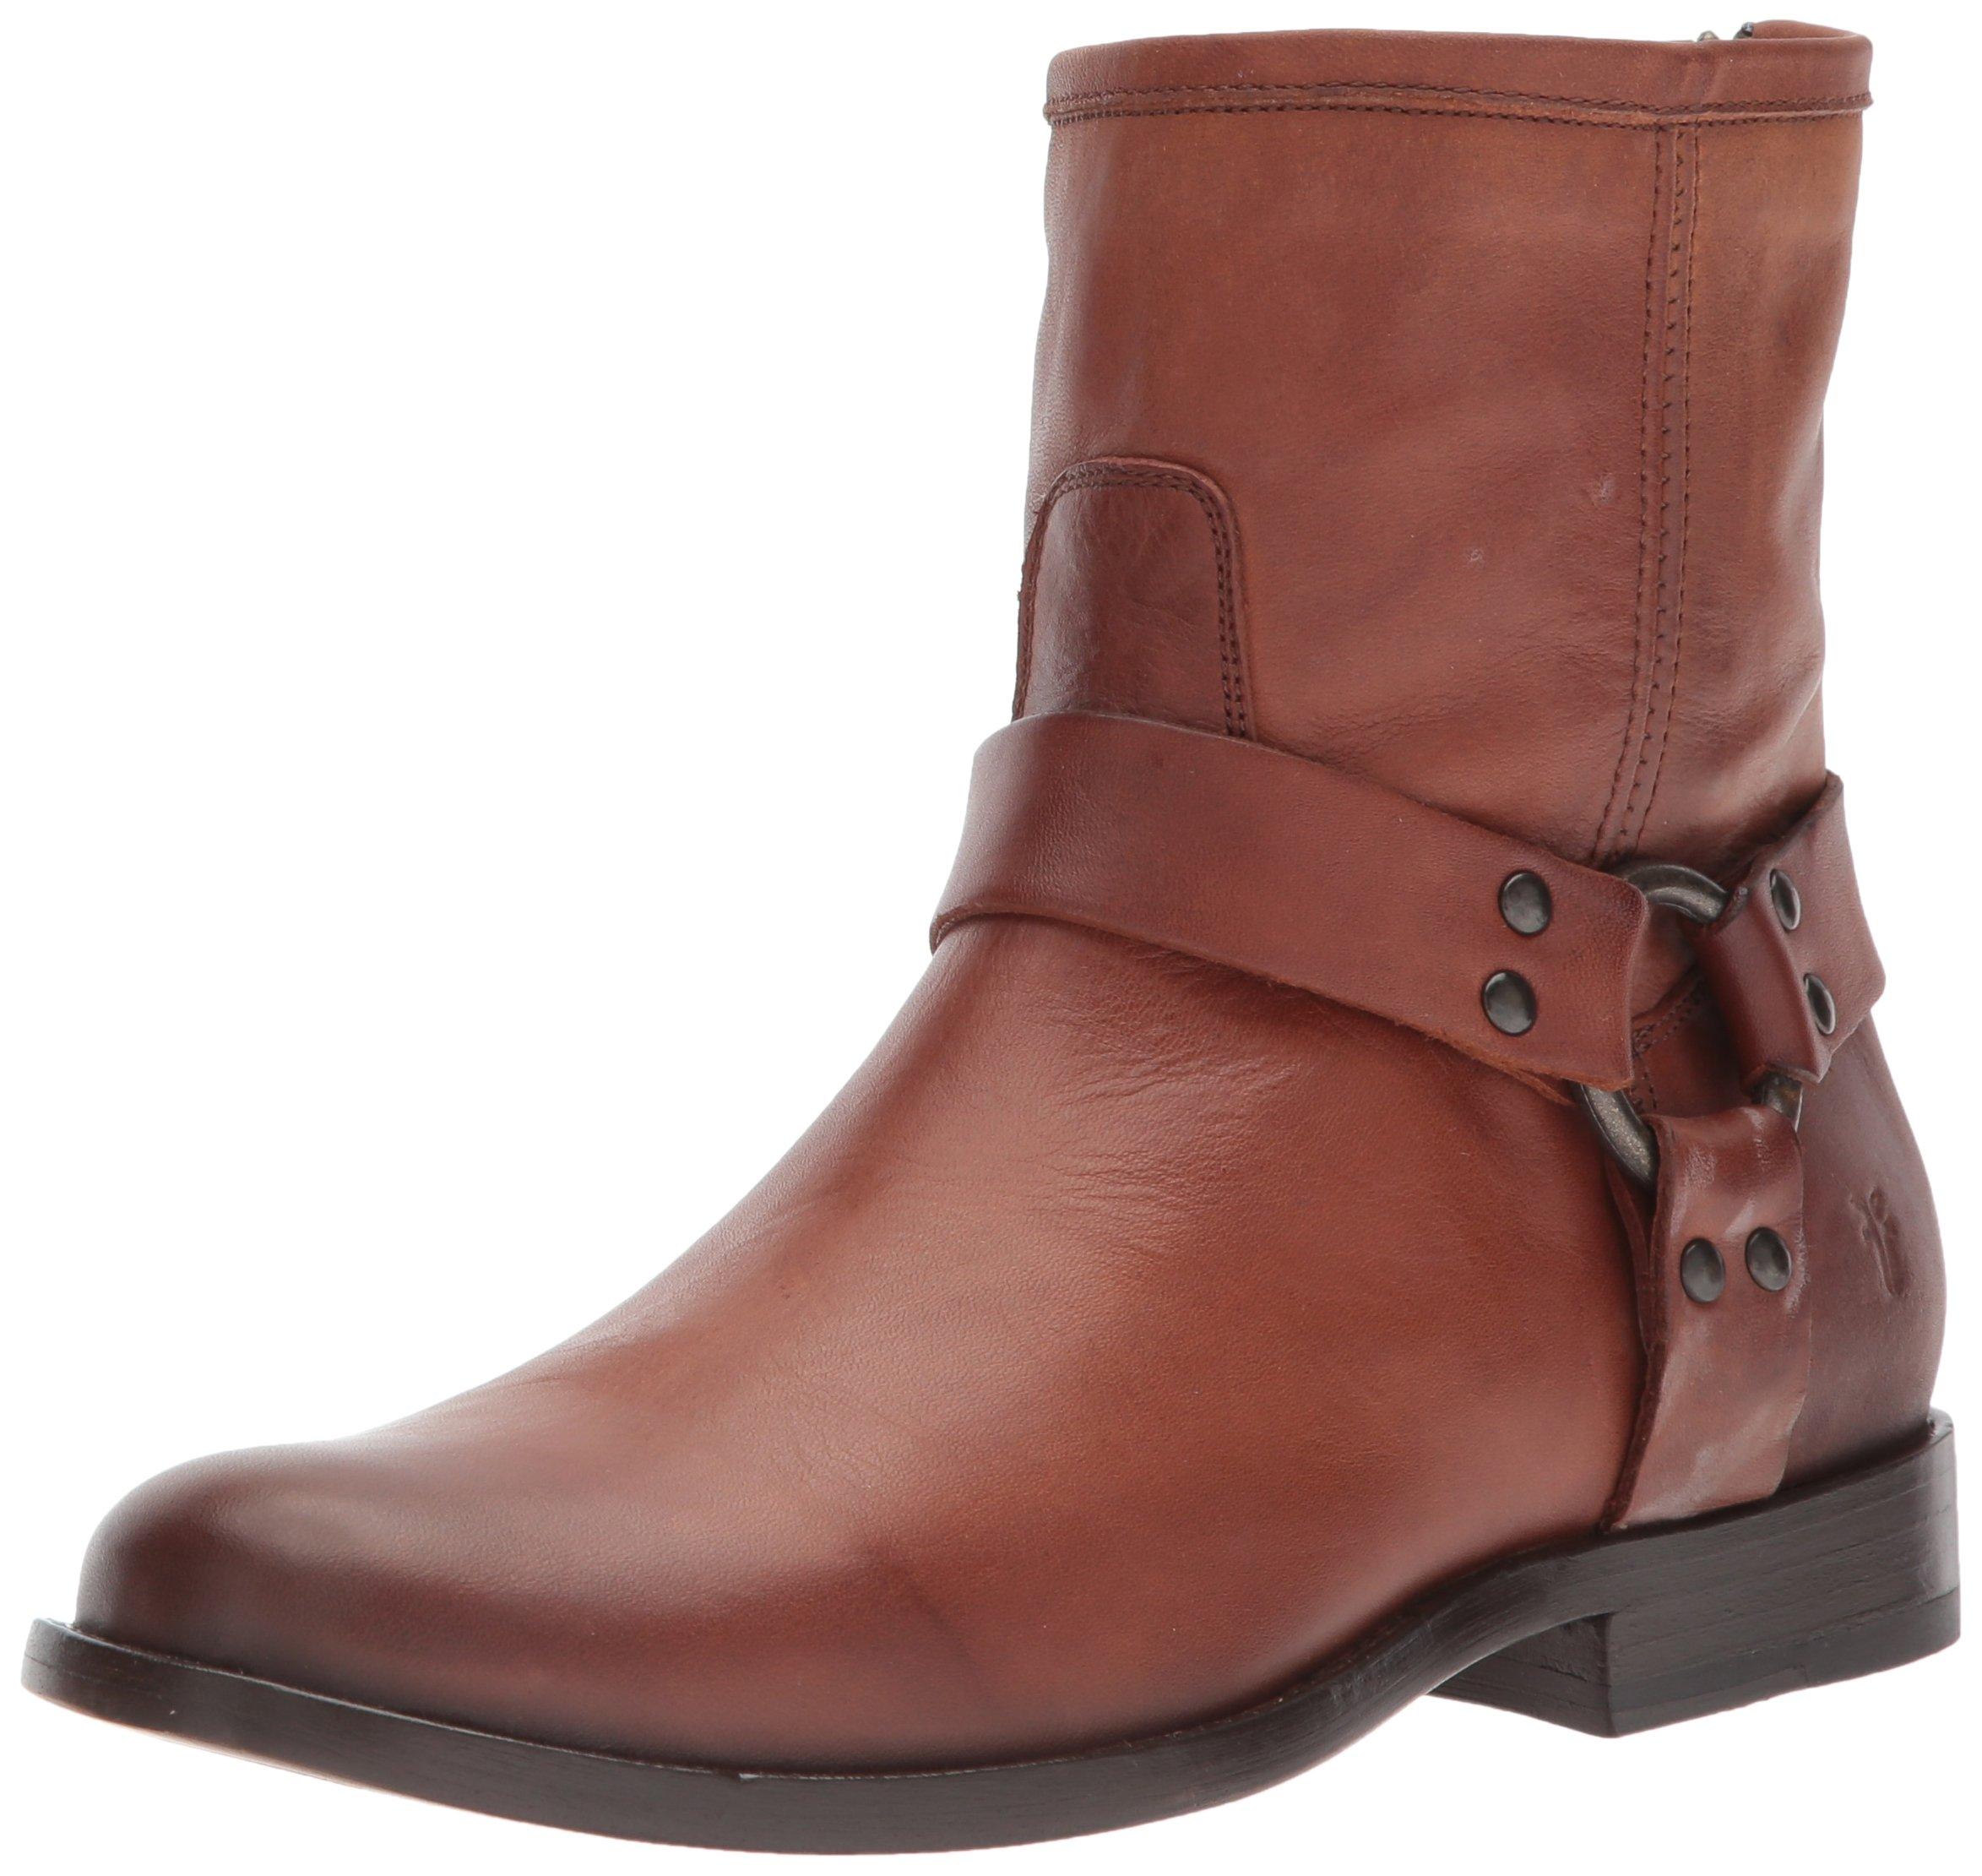 FRYE Women's Phillip Short Harness Boot, Cognac, 9 M US